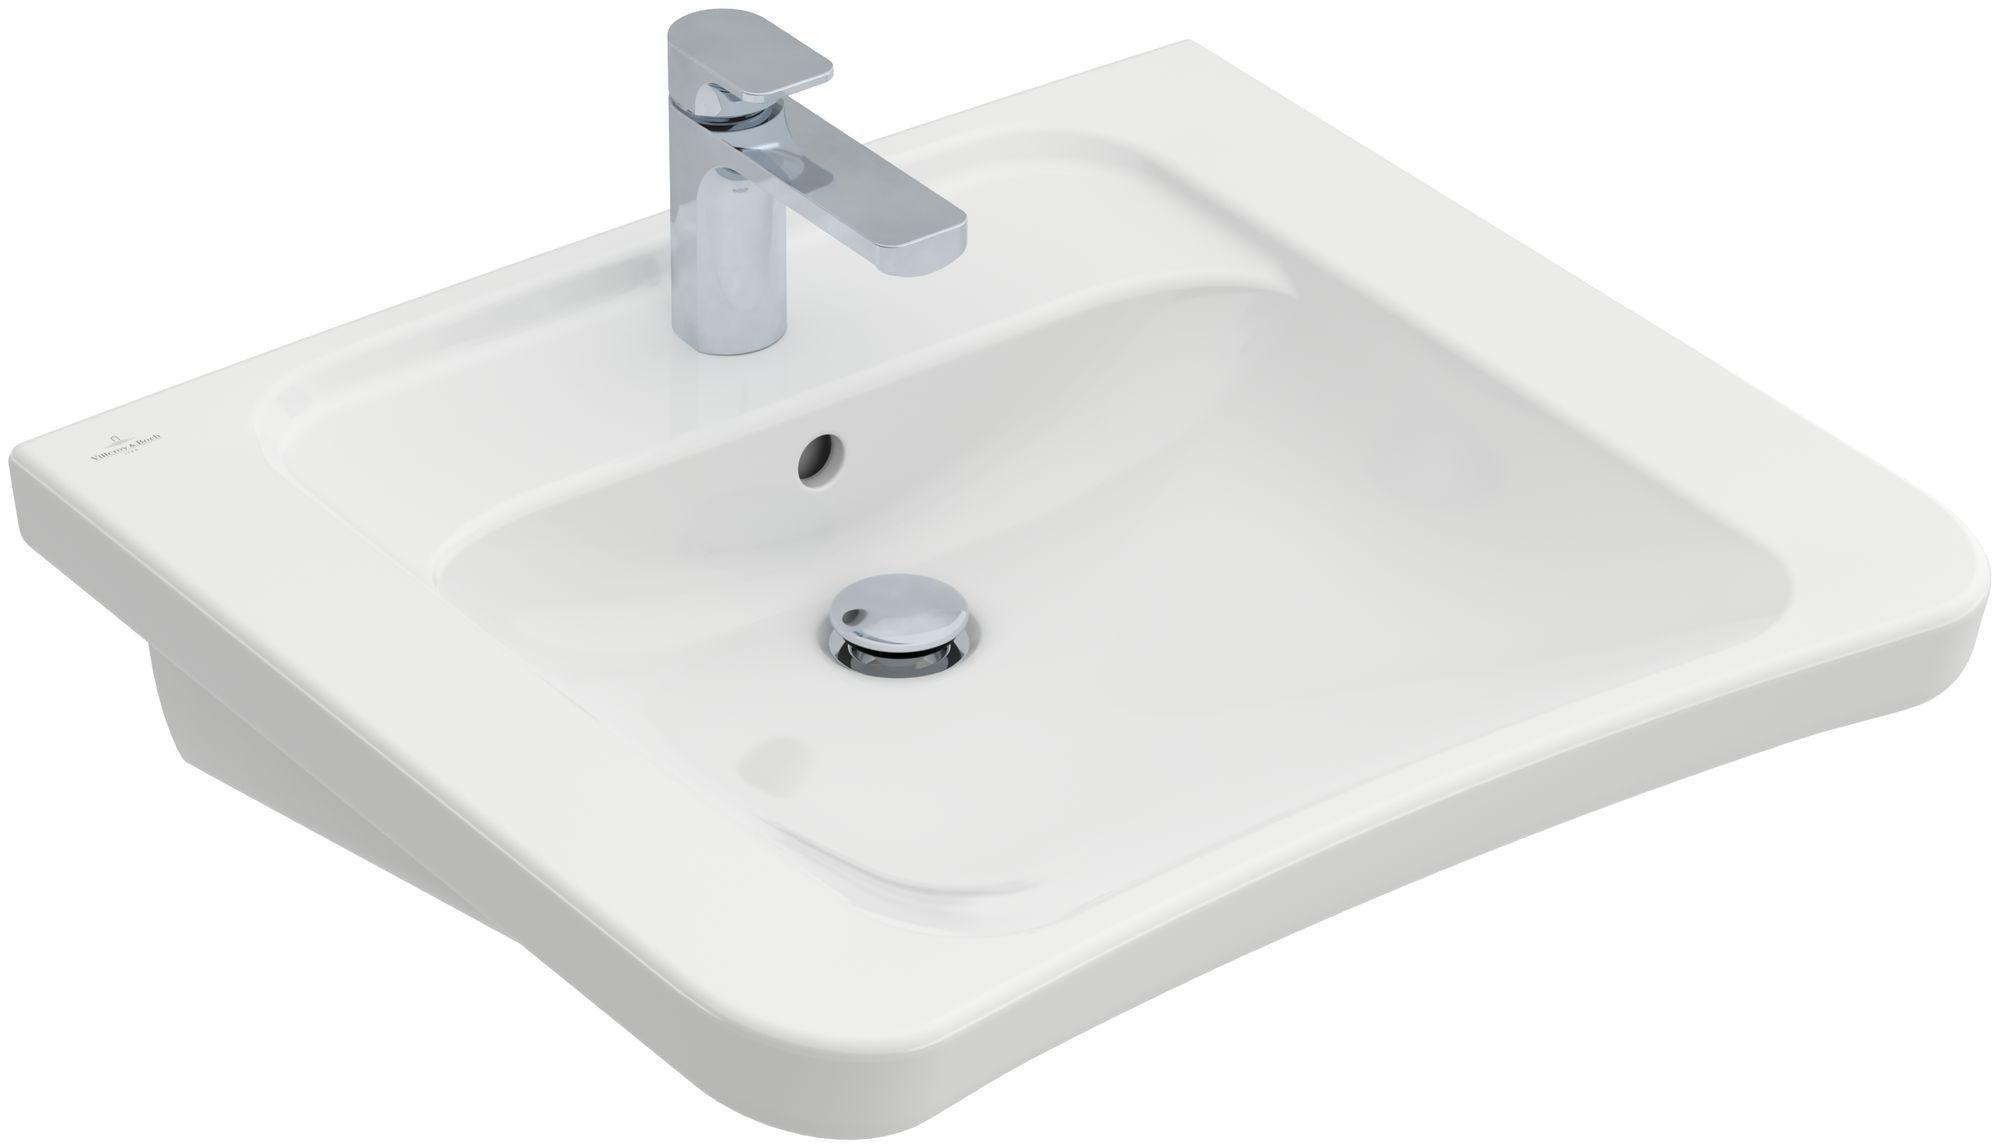 Villeroy & Boch Architectura Waschtisch B:60,5xT:55xH:20,7cm 1 Hahnloch mit Überlauf unterfahrbar weiß mit Ceramicplus 517867R1